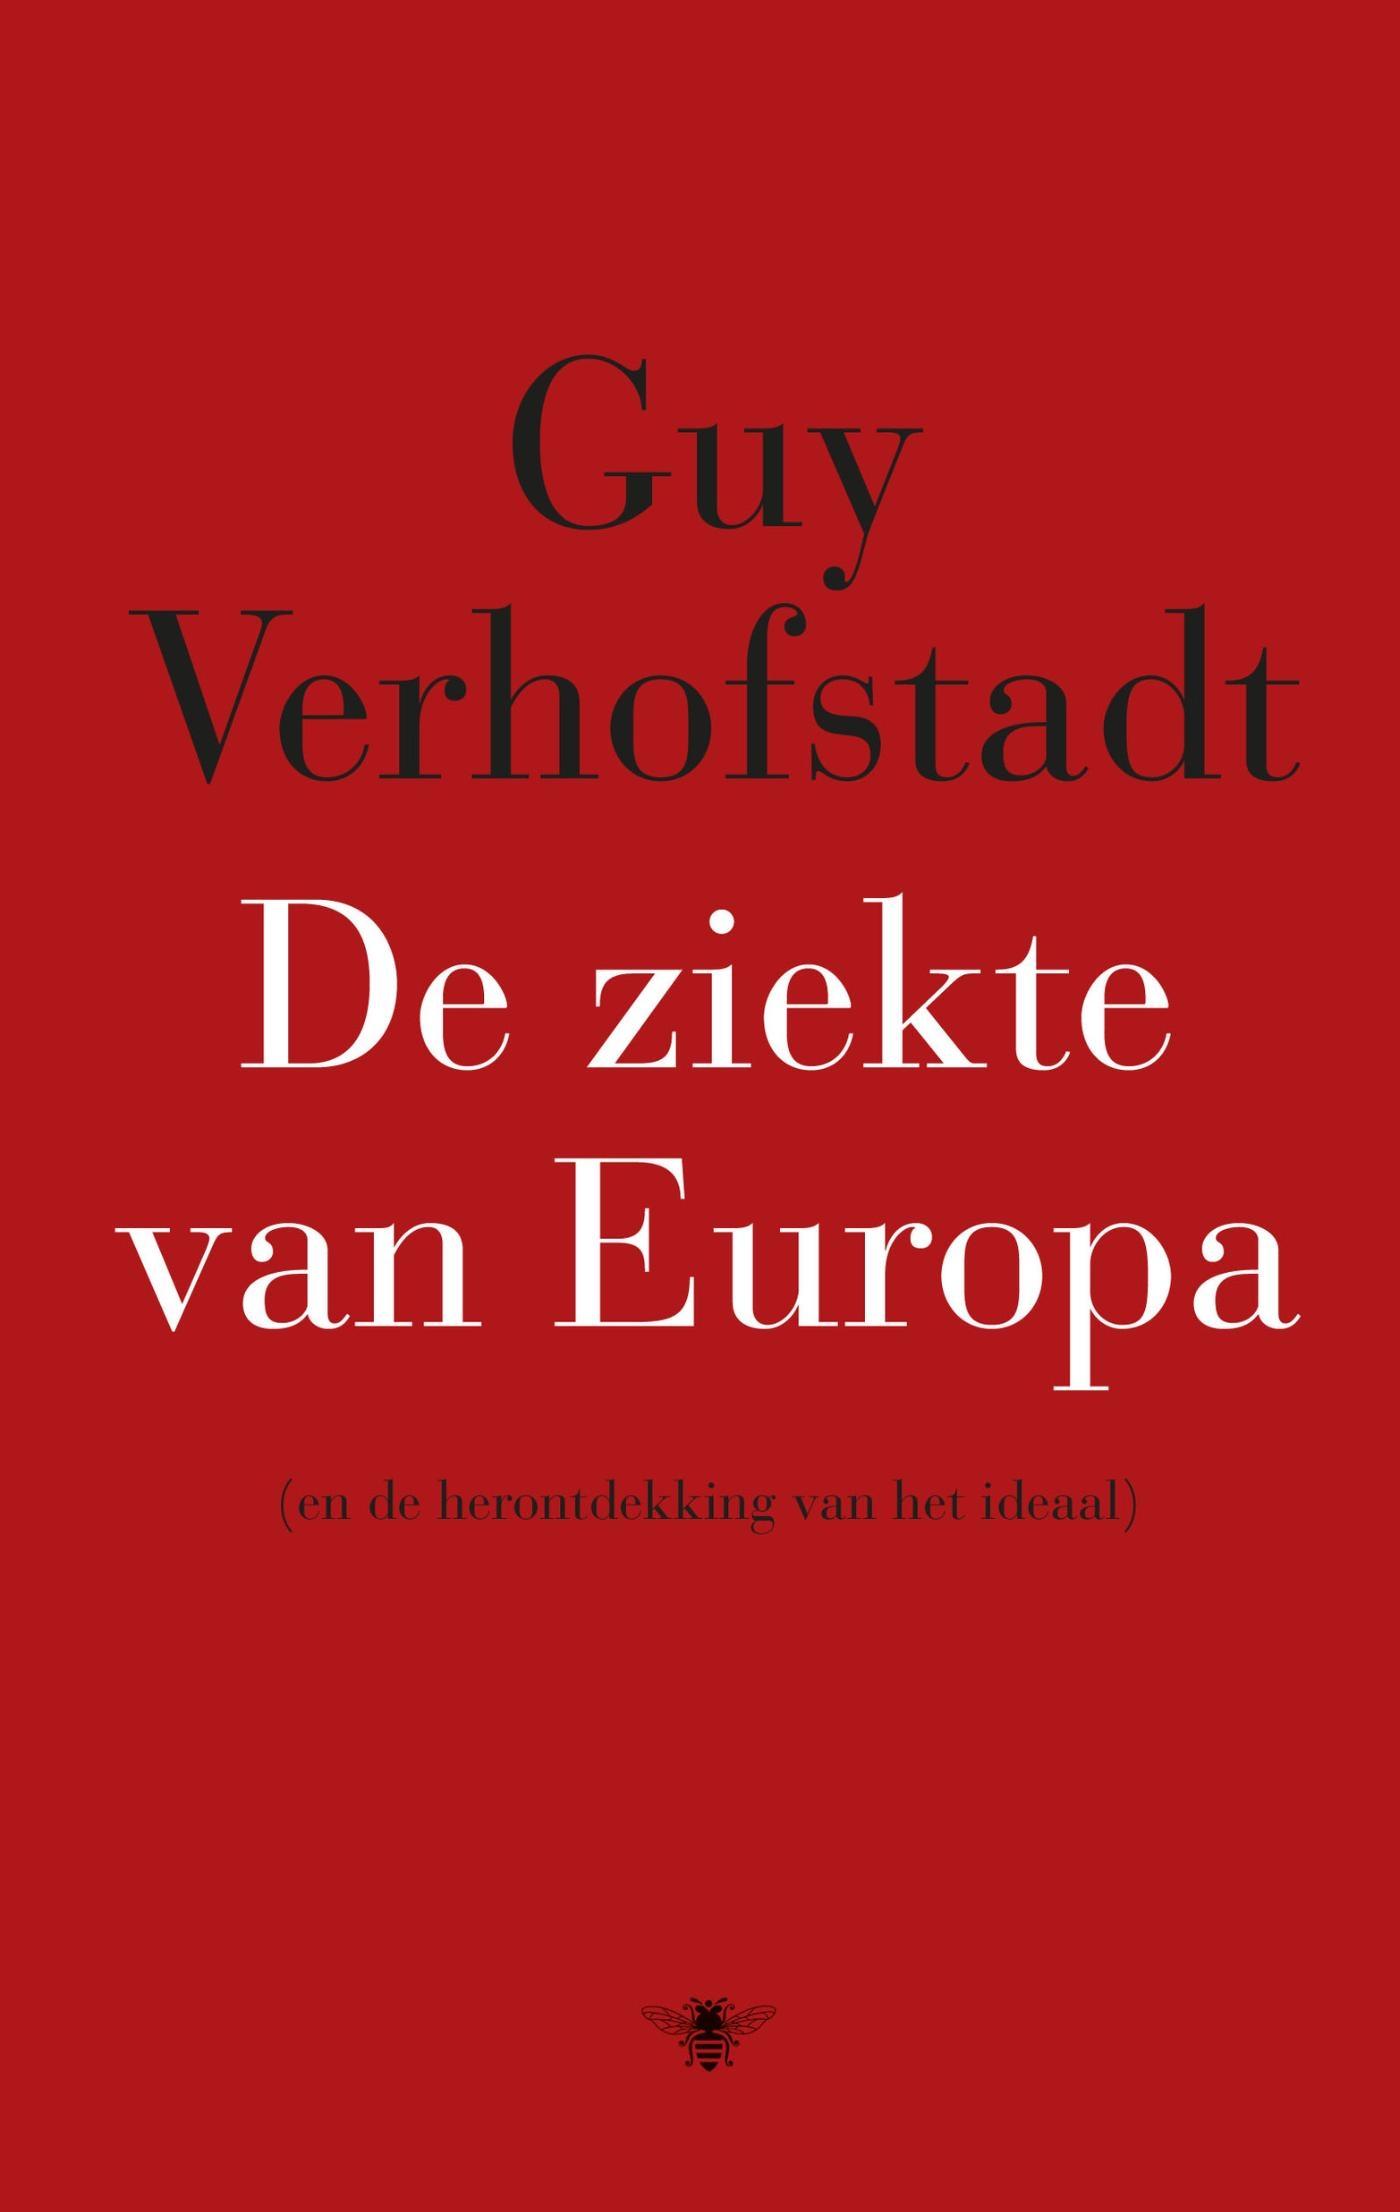 De ziekte van Europa – Guy Verhofstadt